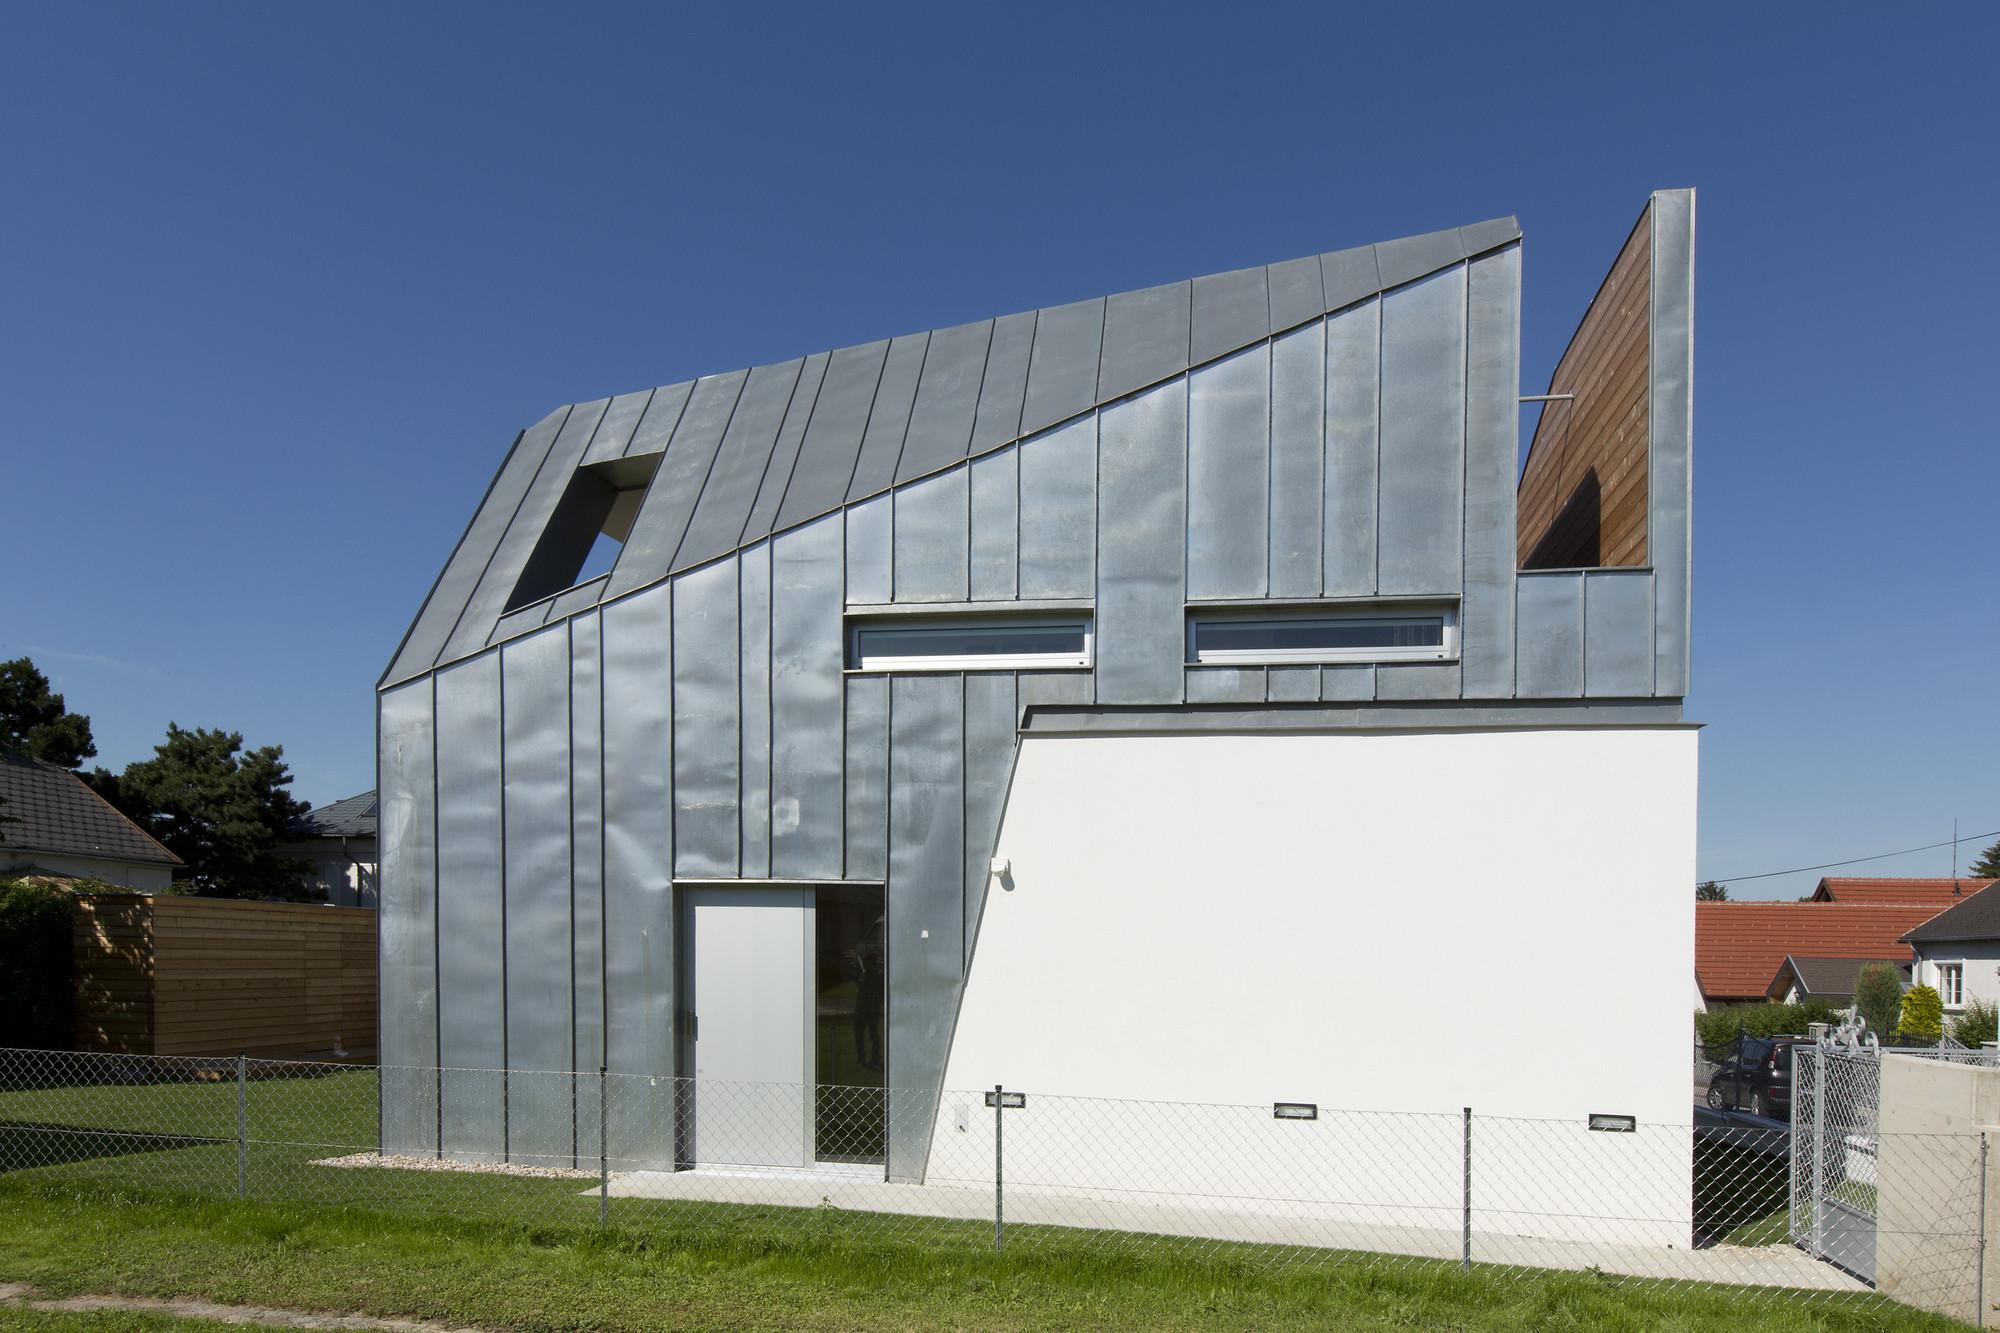 House W / LOSTINARCHITECTURE, © Mischa Erben